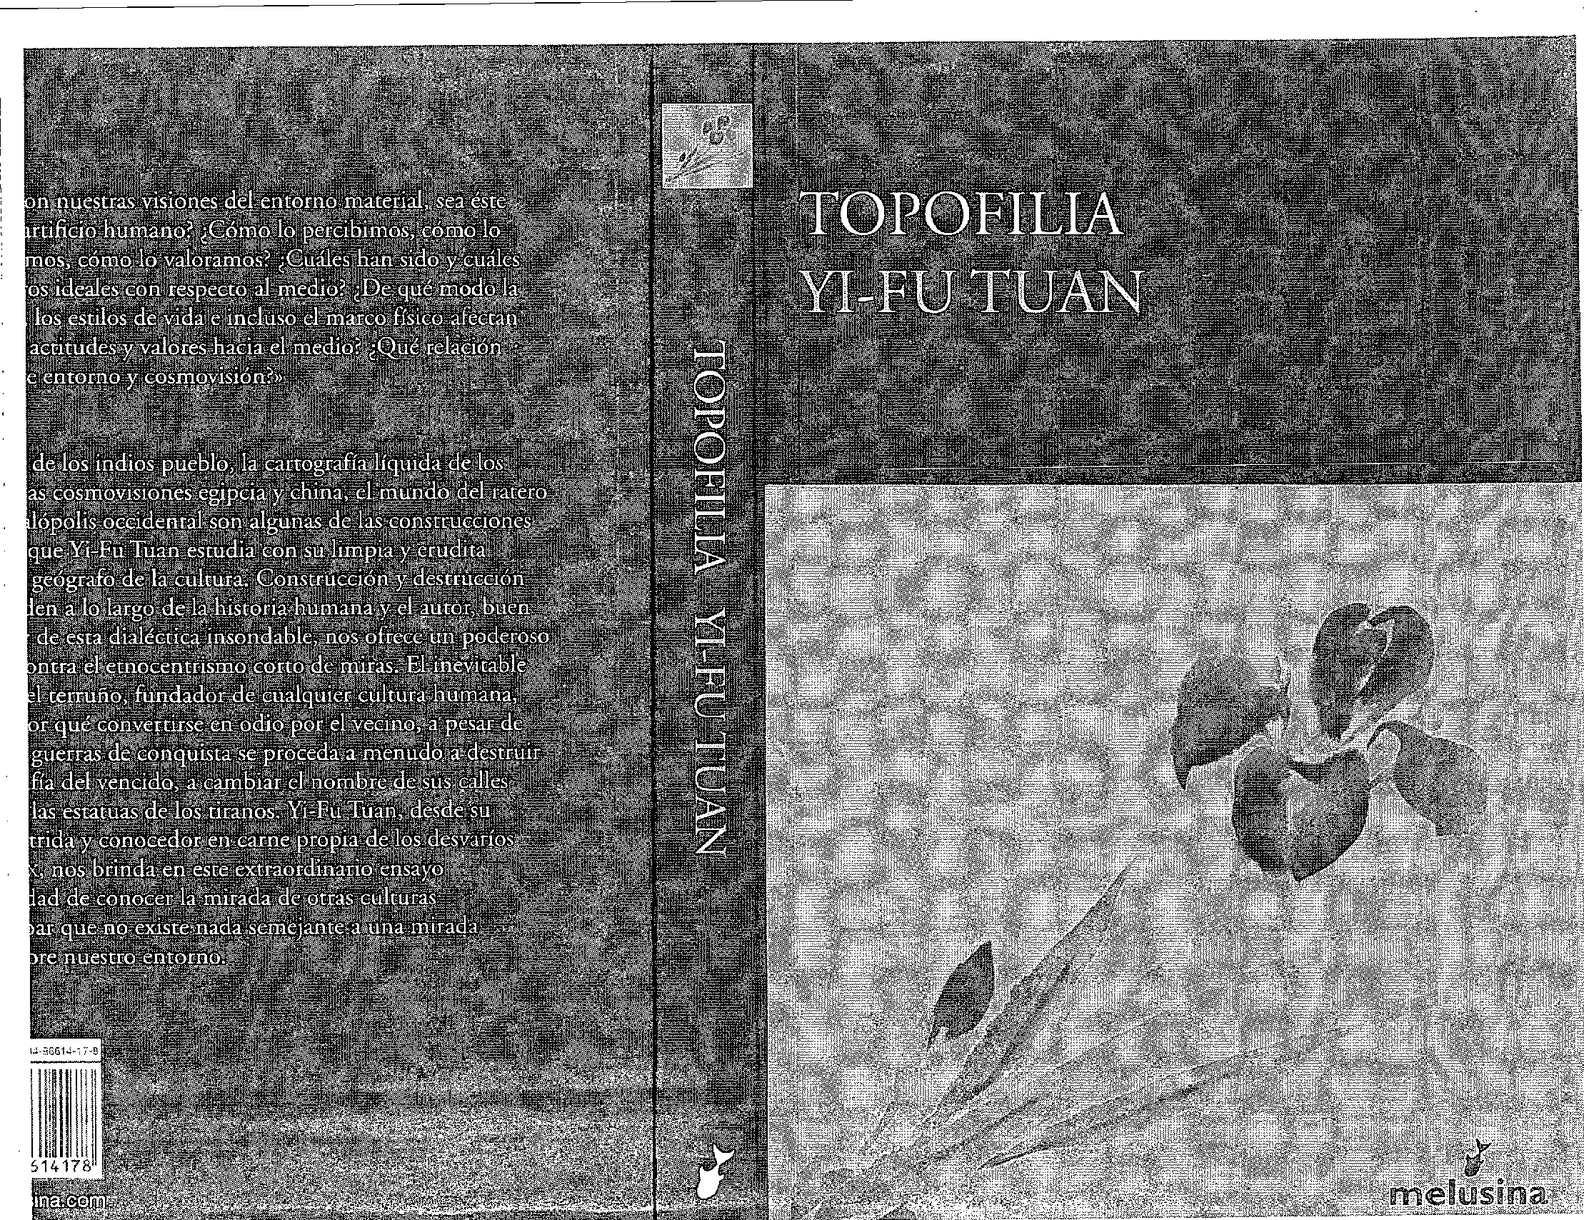 Calaméo - Topofilia